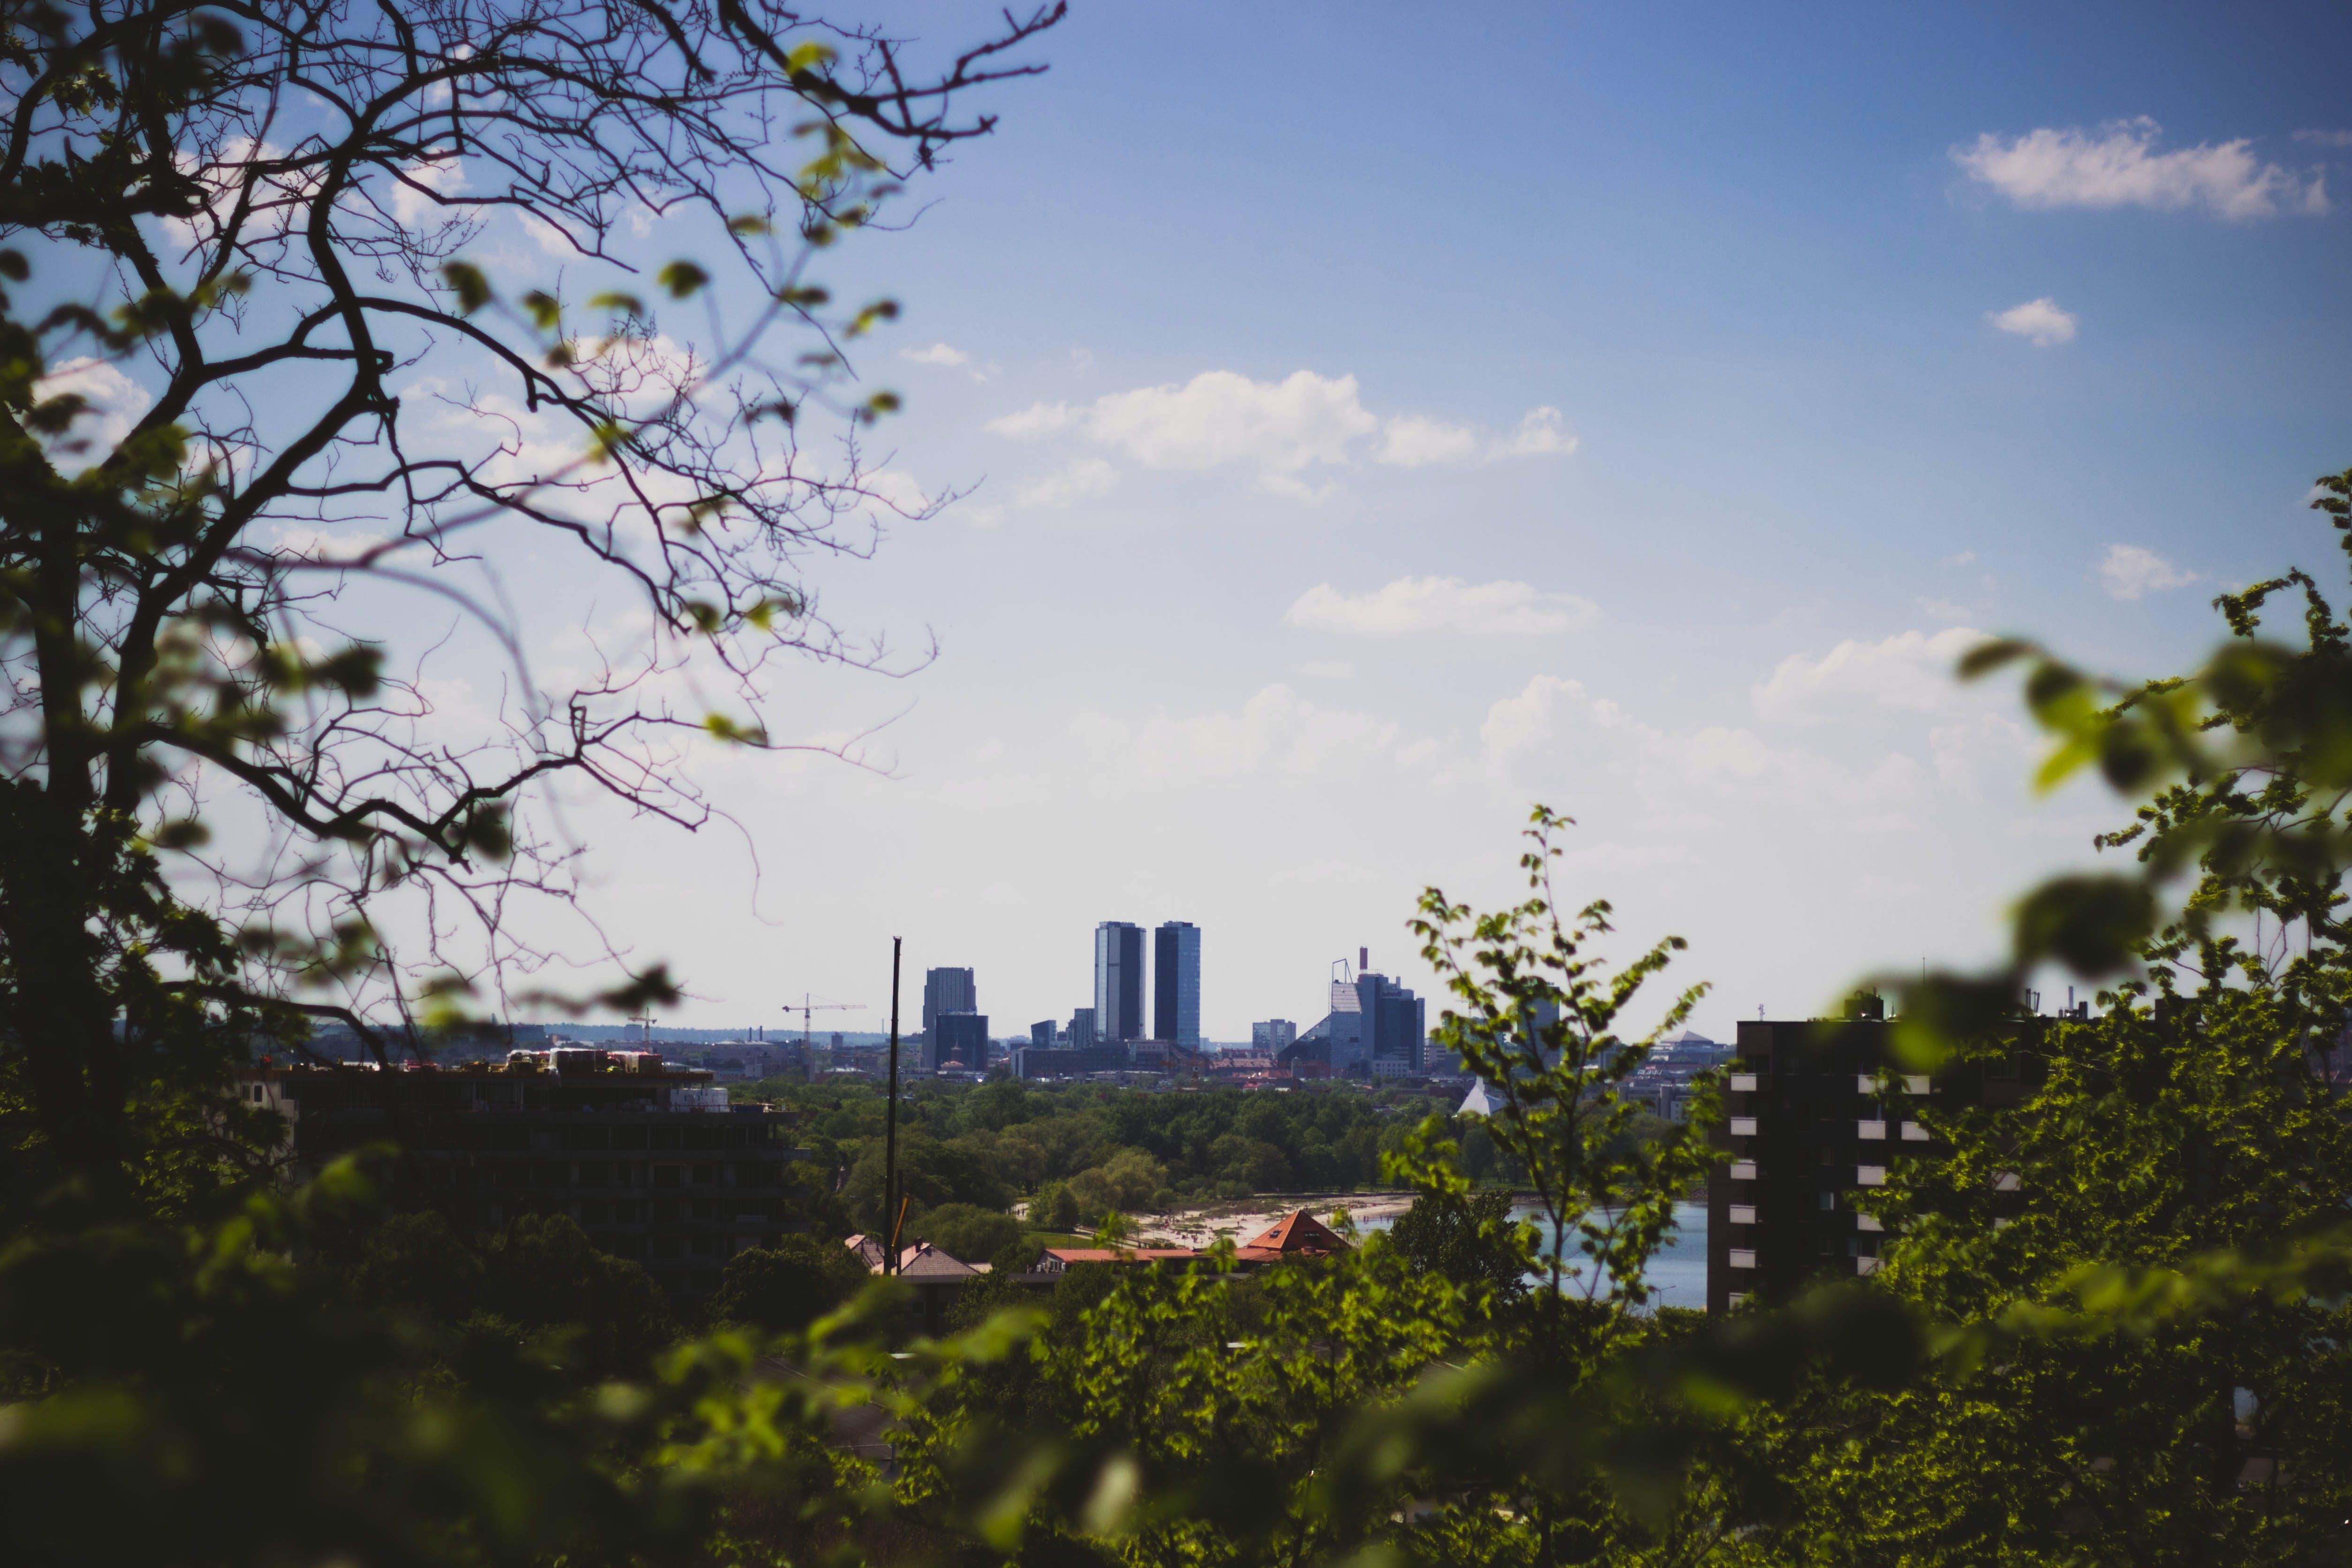 Free stock photo of city, sky, buildings, tree